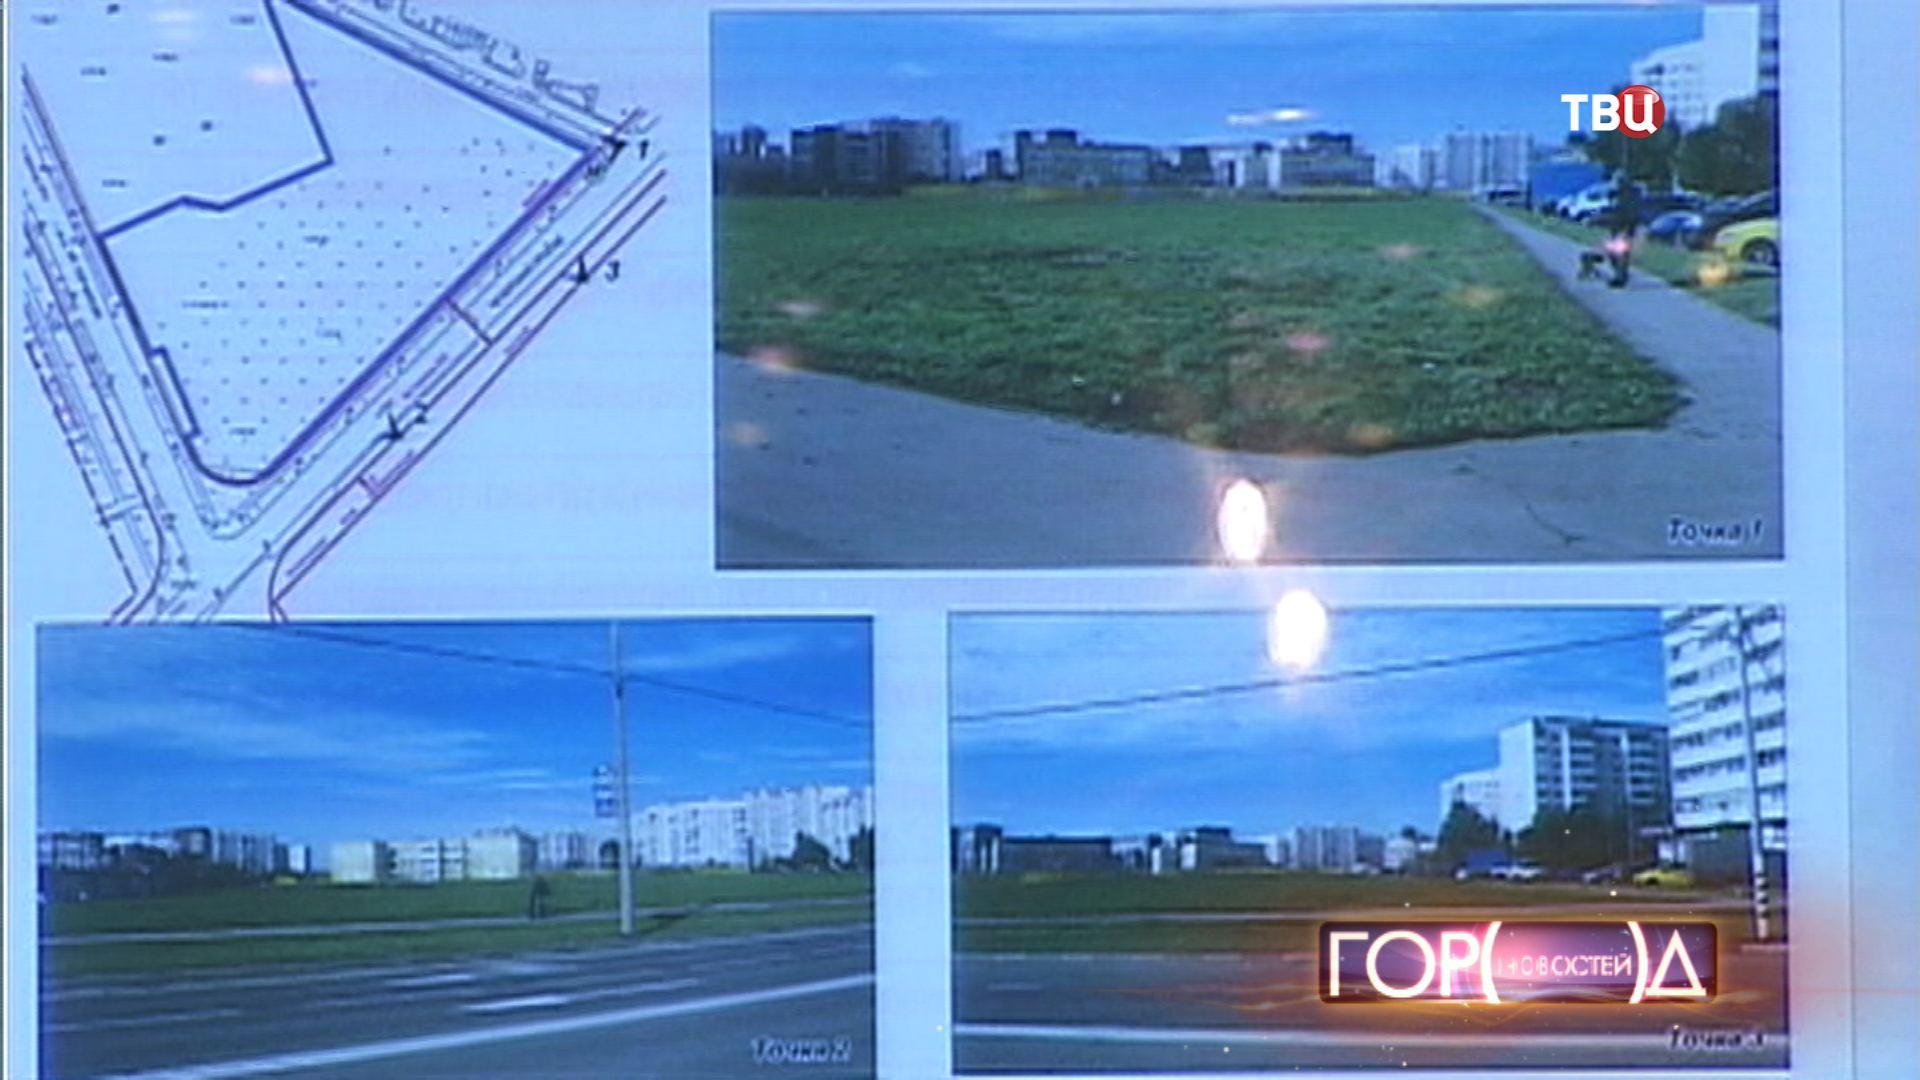 Презентация объектов ЮЗАО, выставленных на земельно-имущественные торги